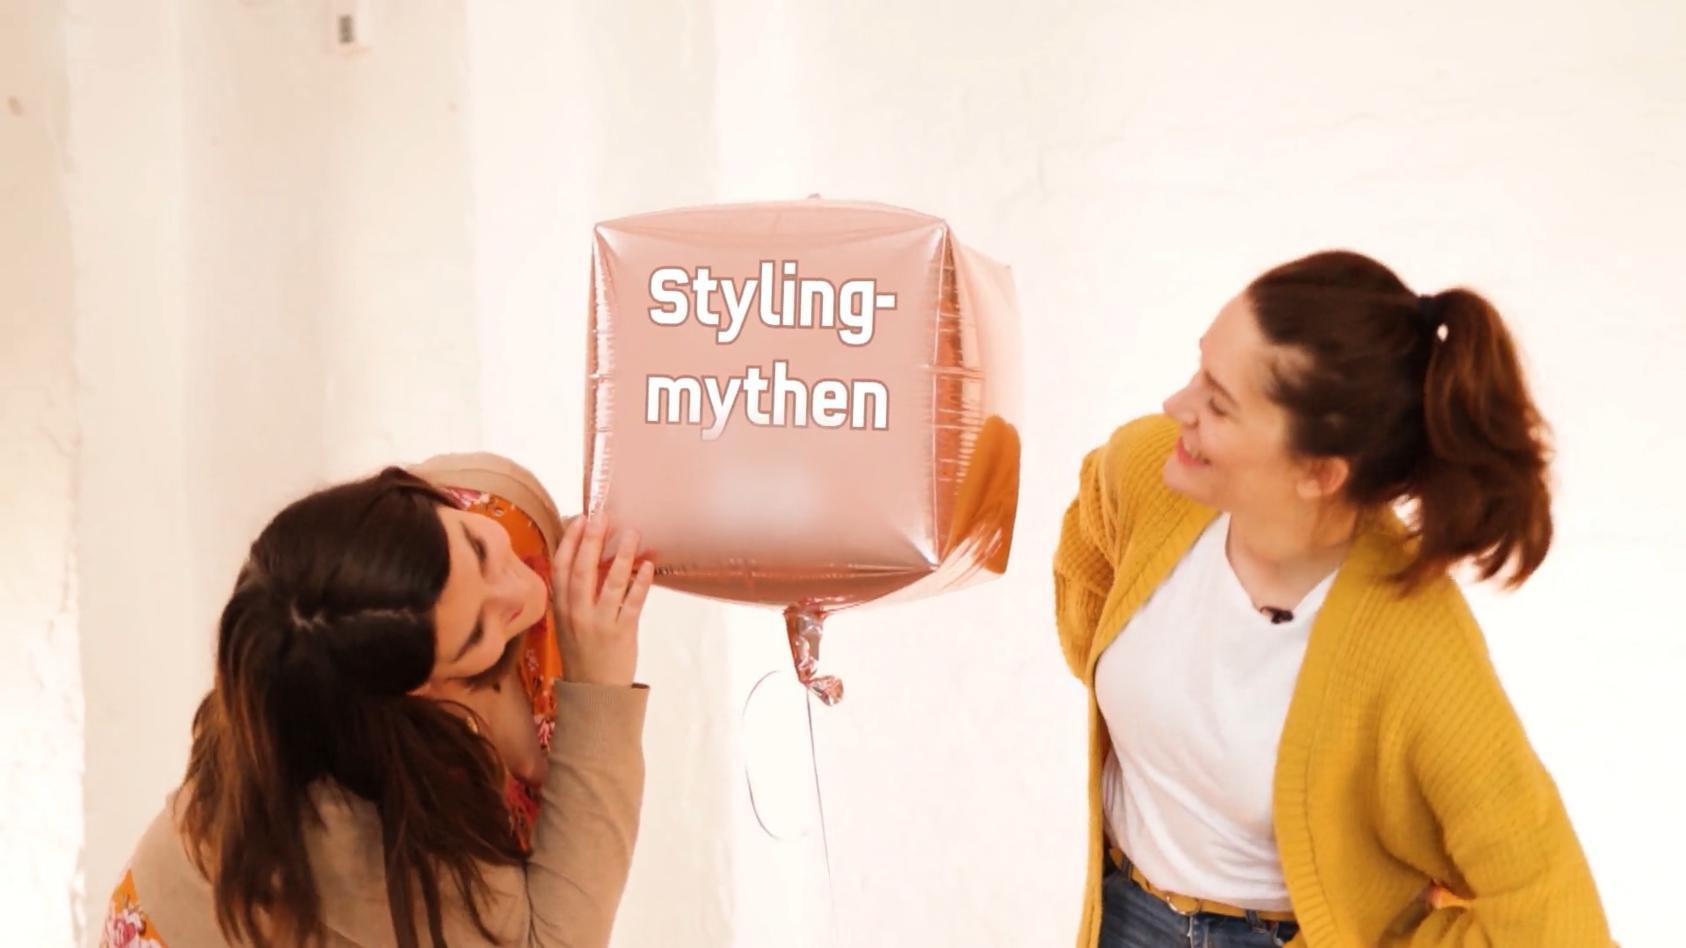 styling-knigge-diese-ratschlage-sollten-sie-beachten